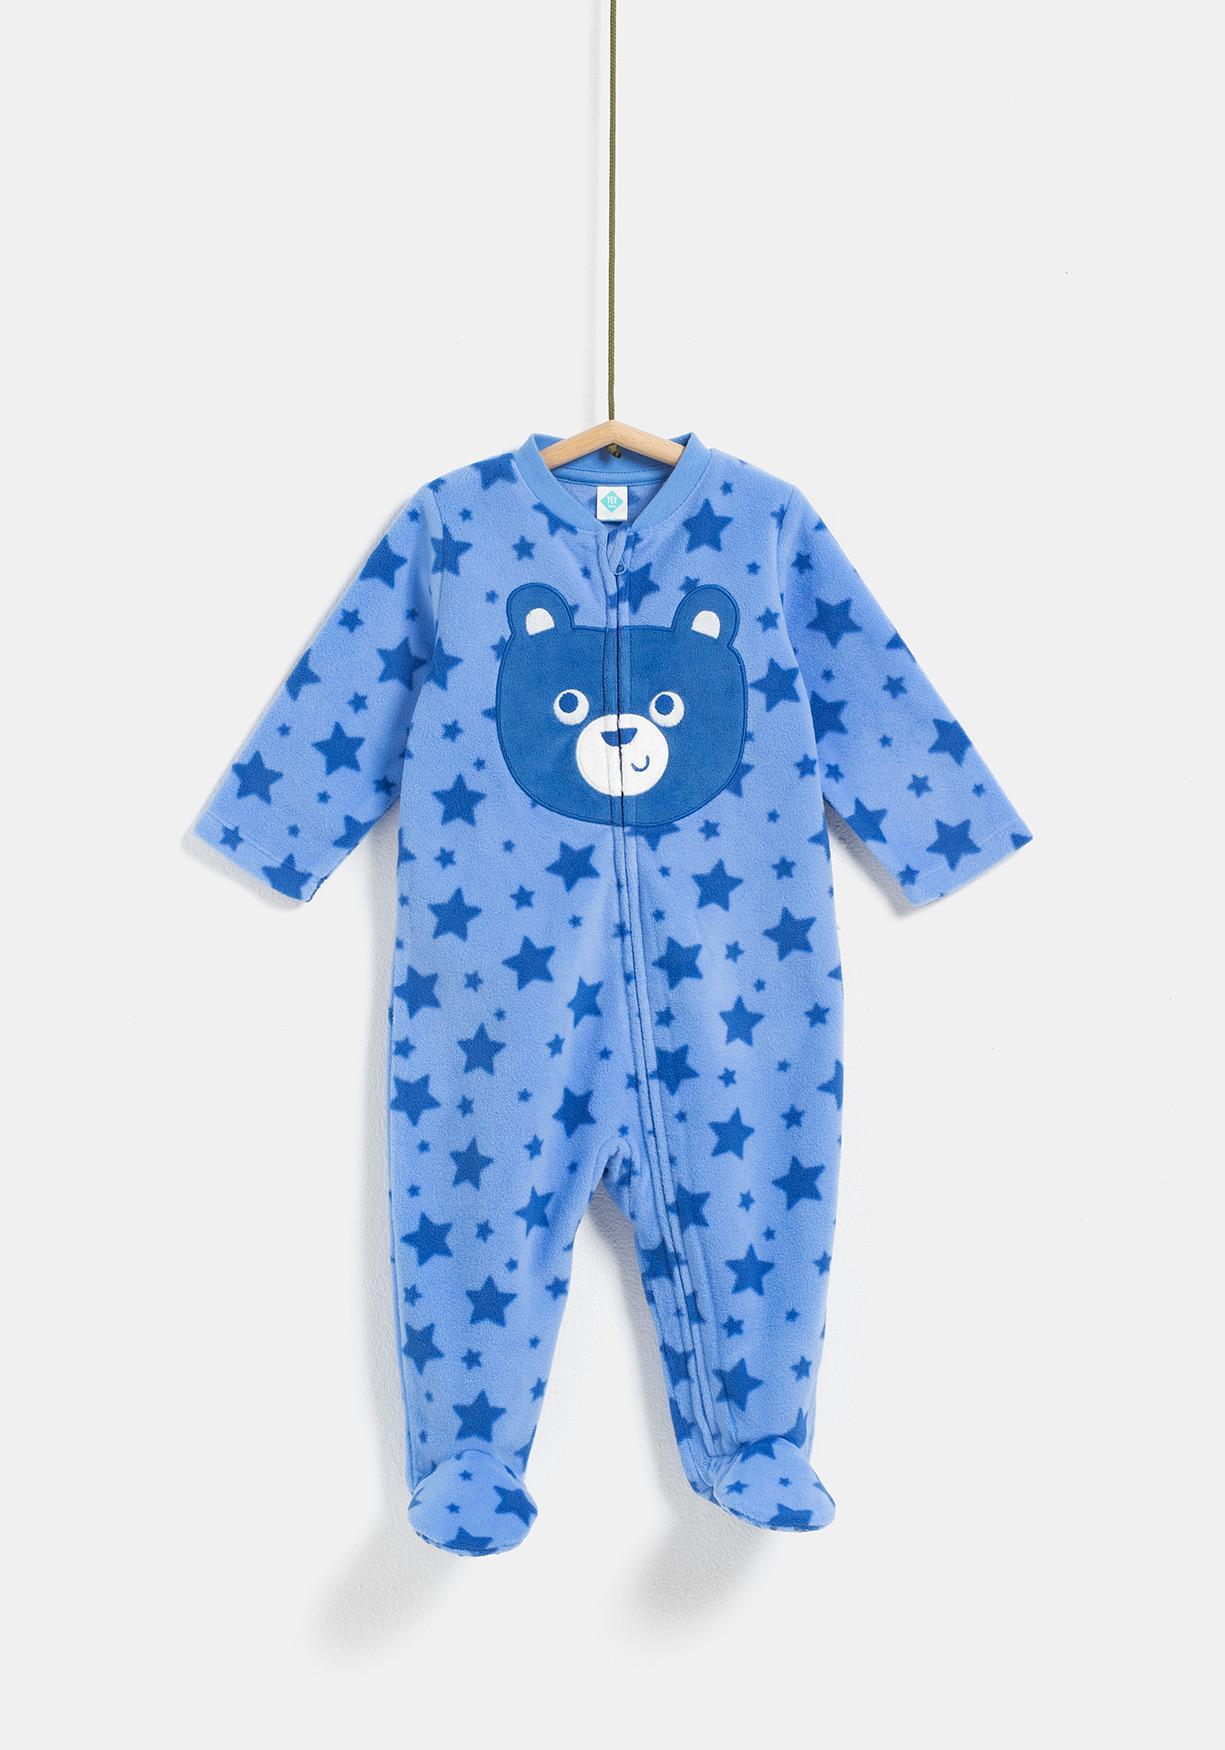 40eb089a4 Comprar Pijama manta unisex TEX. ¡Aprovéchate de nuestros precios y ...